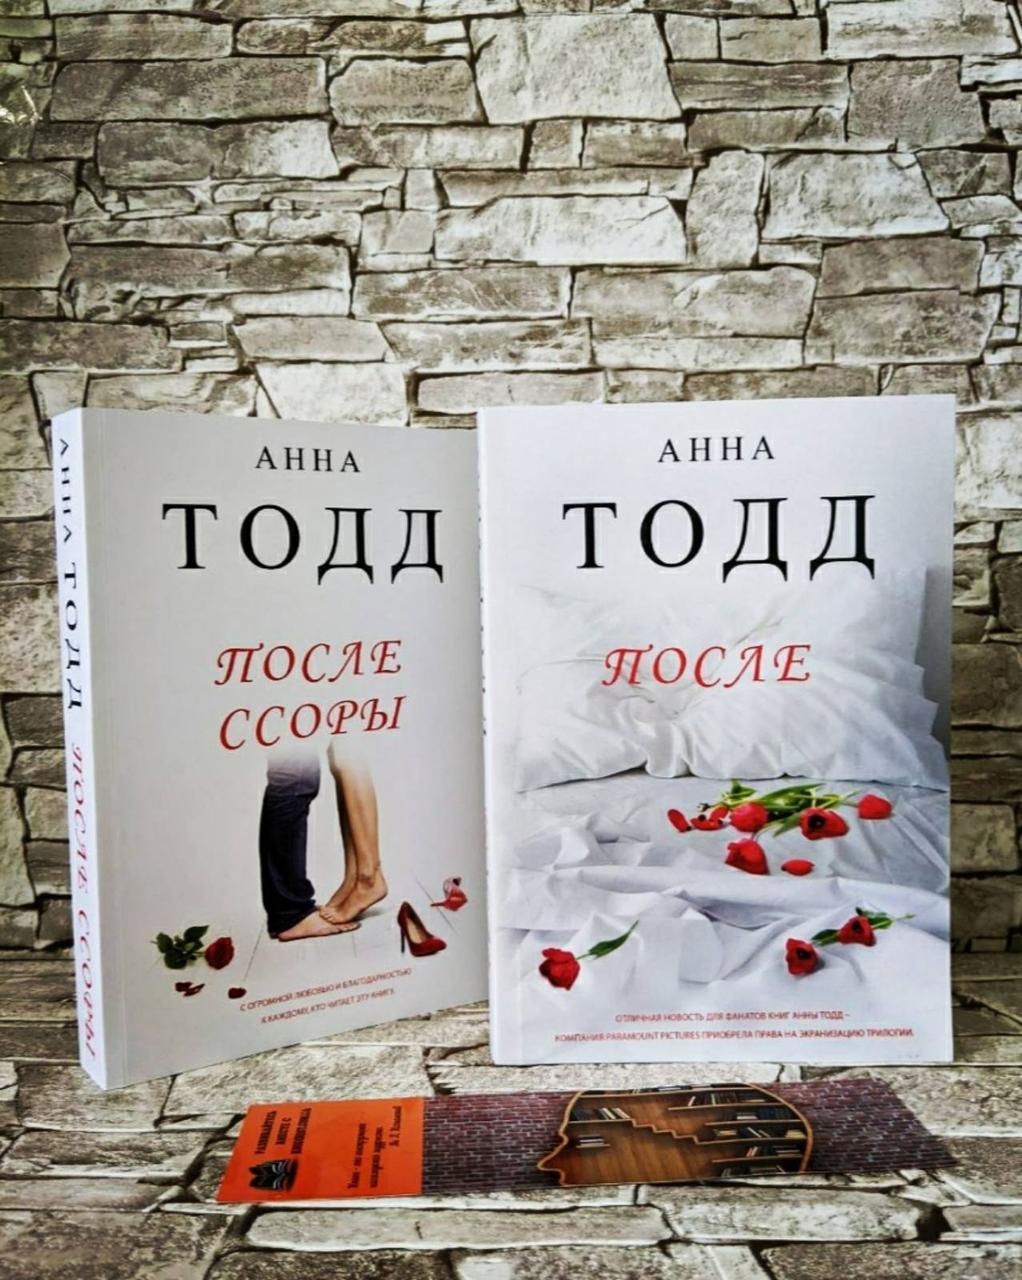 """Набор книг """"После"""",""""После ссоры"""" Анна Тодд"""